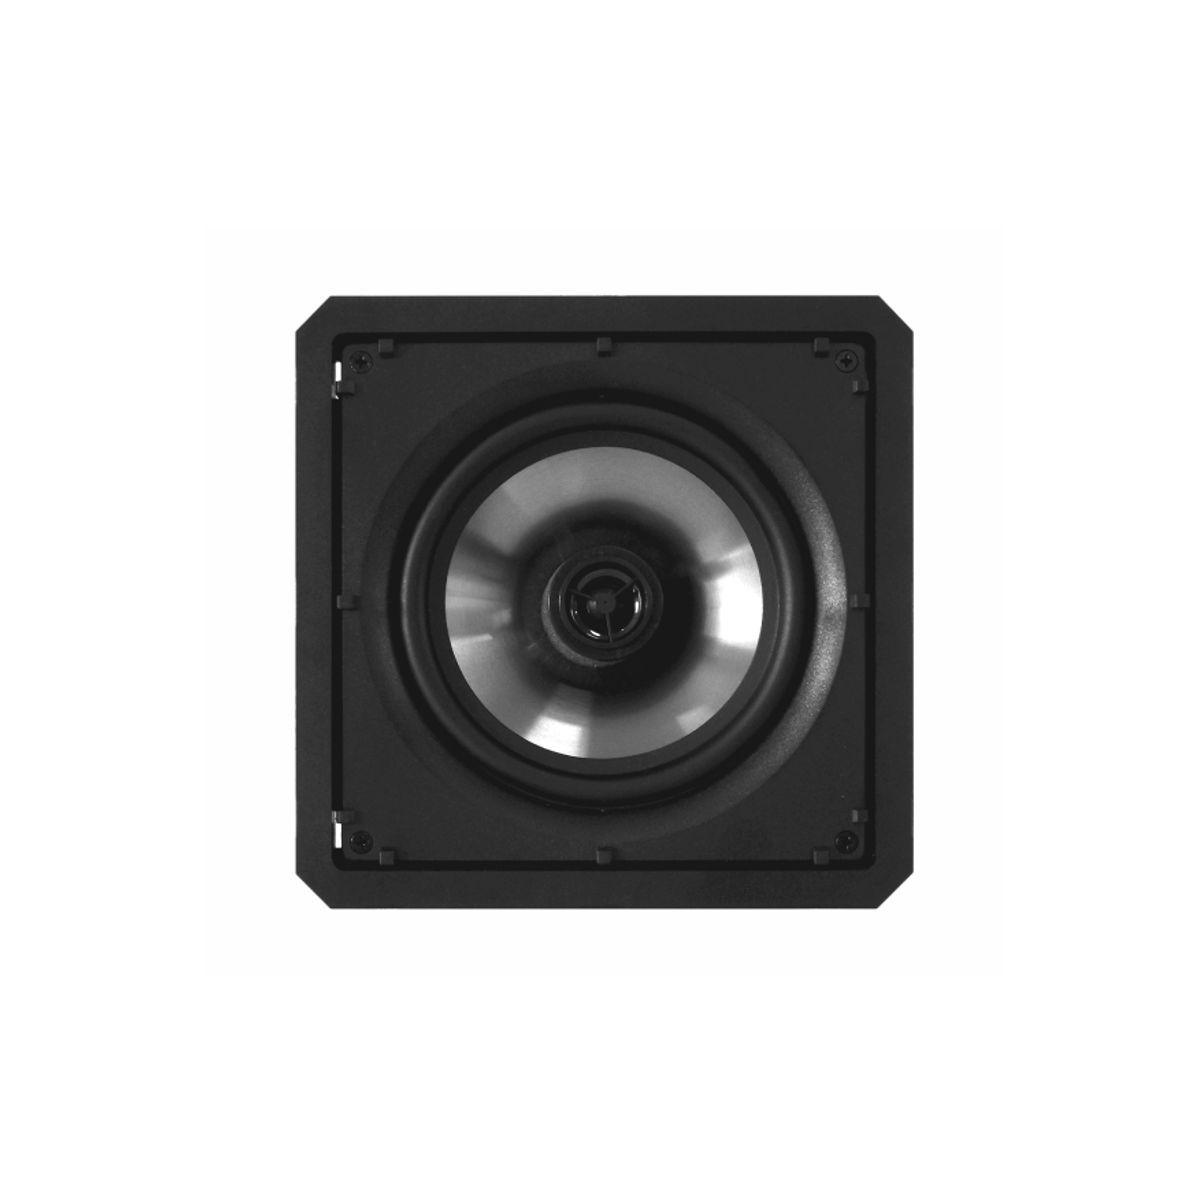 Kit Amplificador de Parede Bluetooth LAC NG + Subwoofer Ativo SW-801 + 2 Caixas Acústicas de Embutir SQ6-60 BL Loud